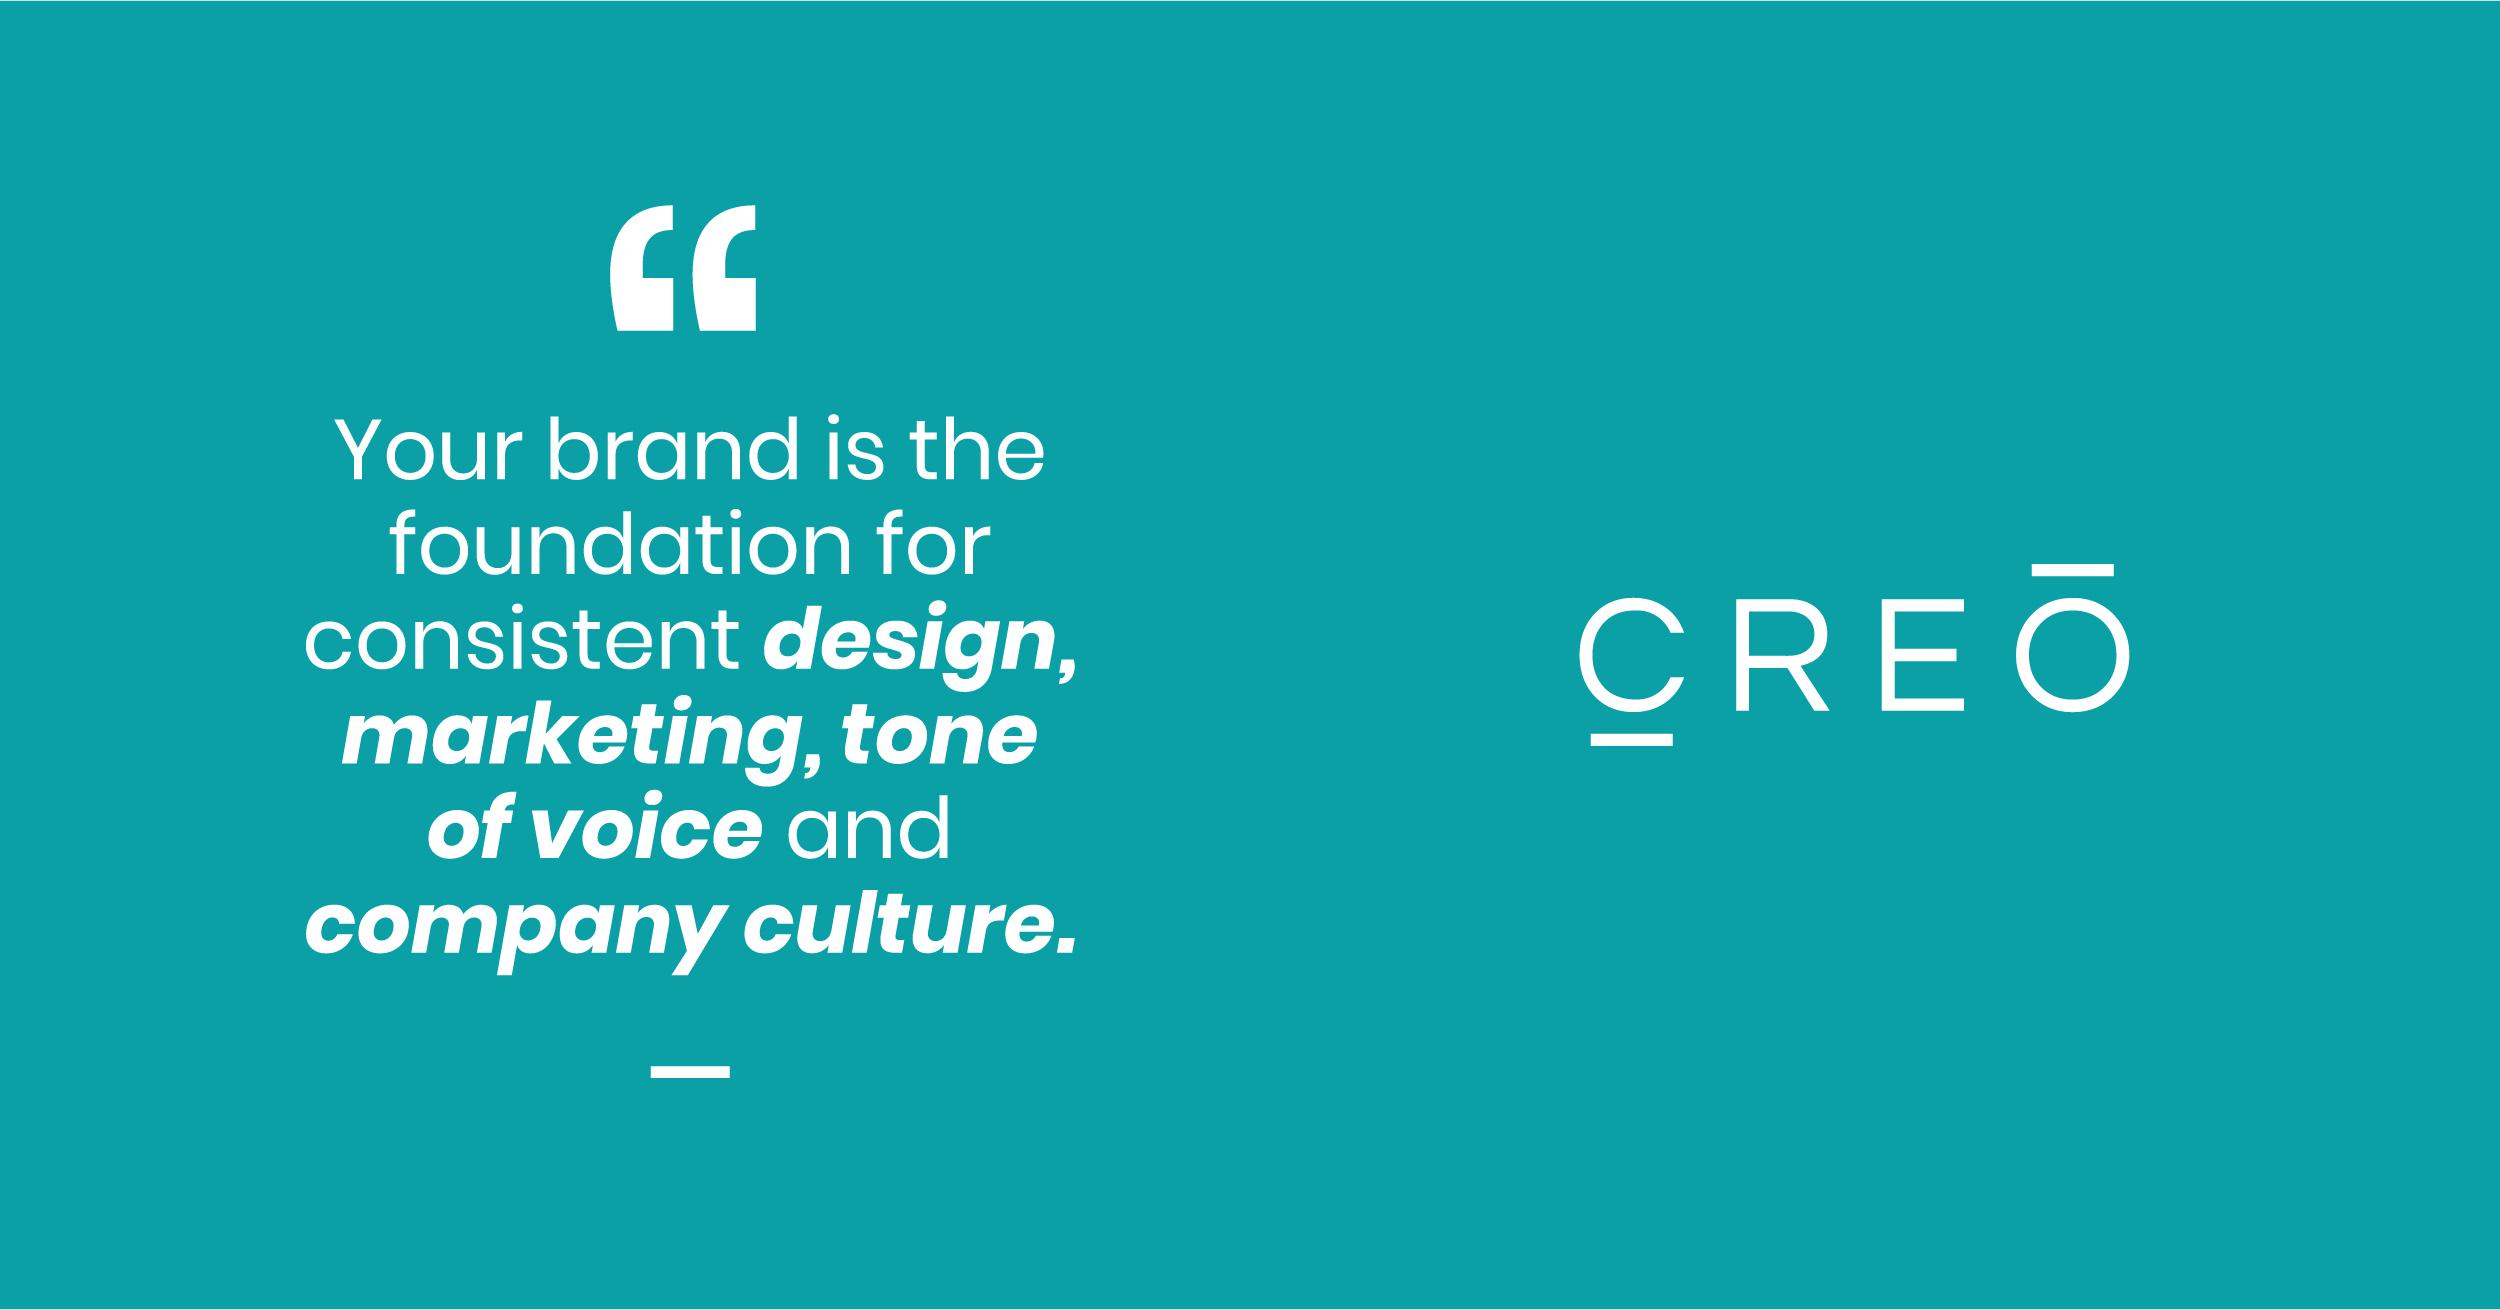 Creo Branding Quote